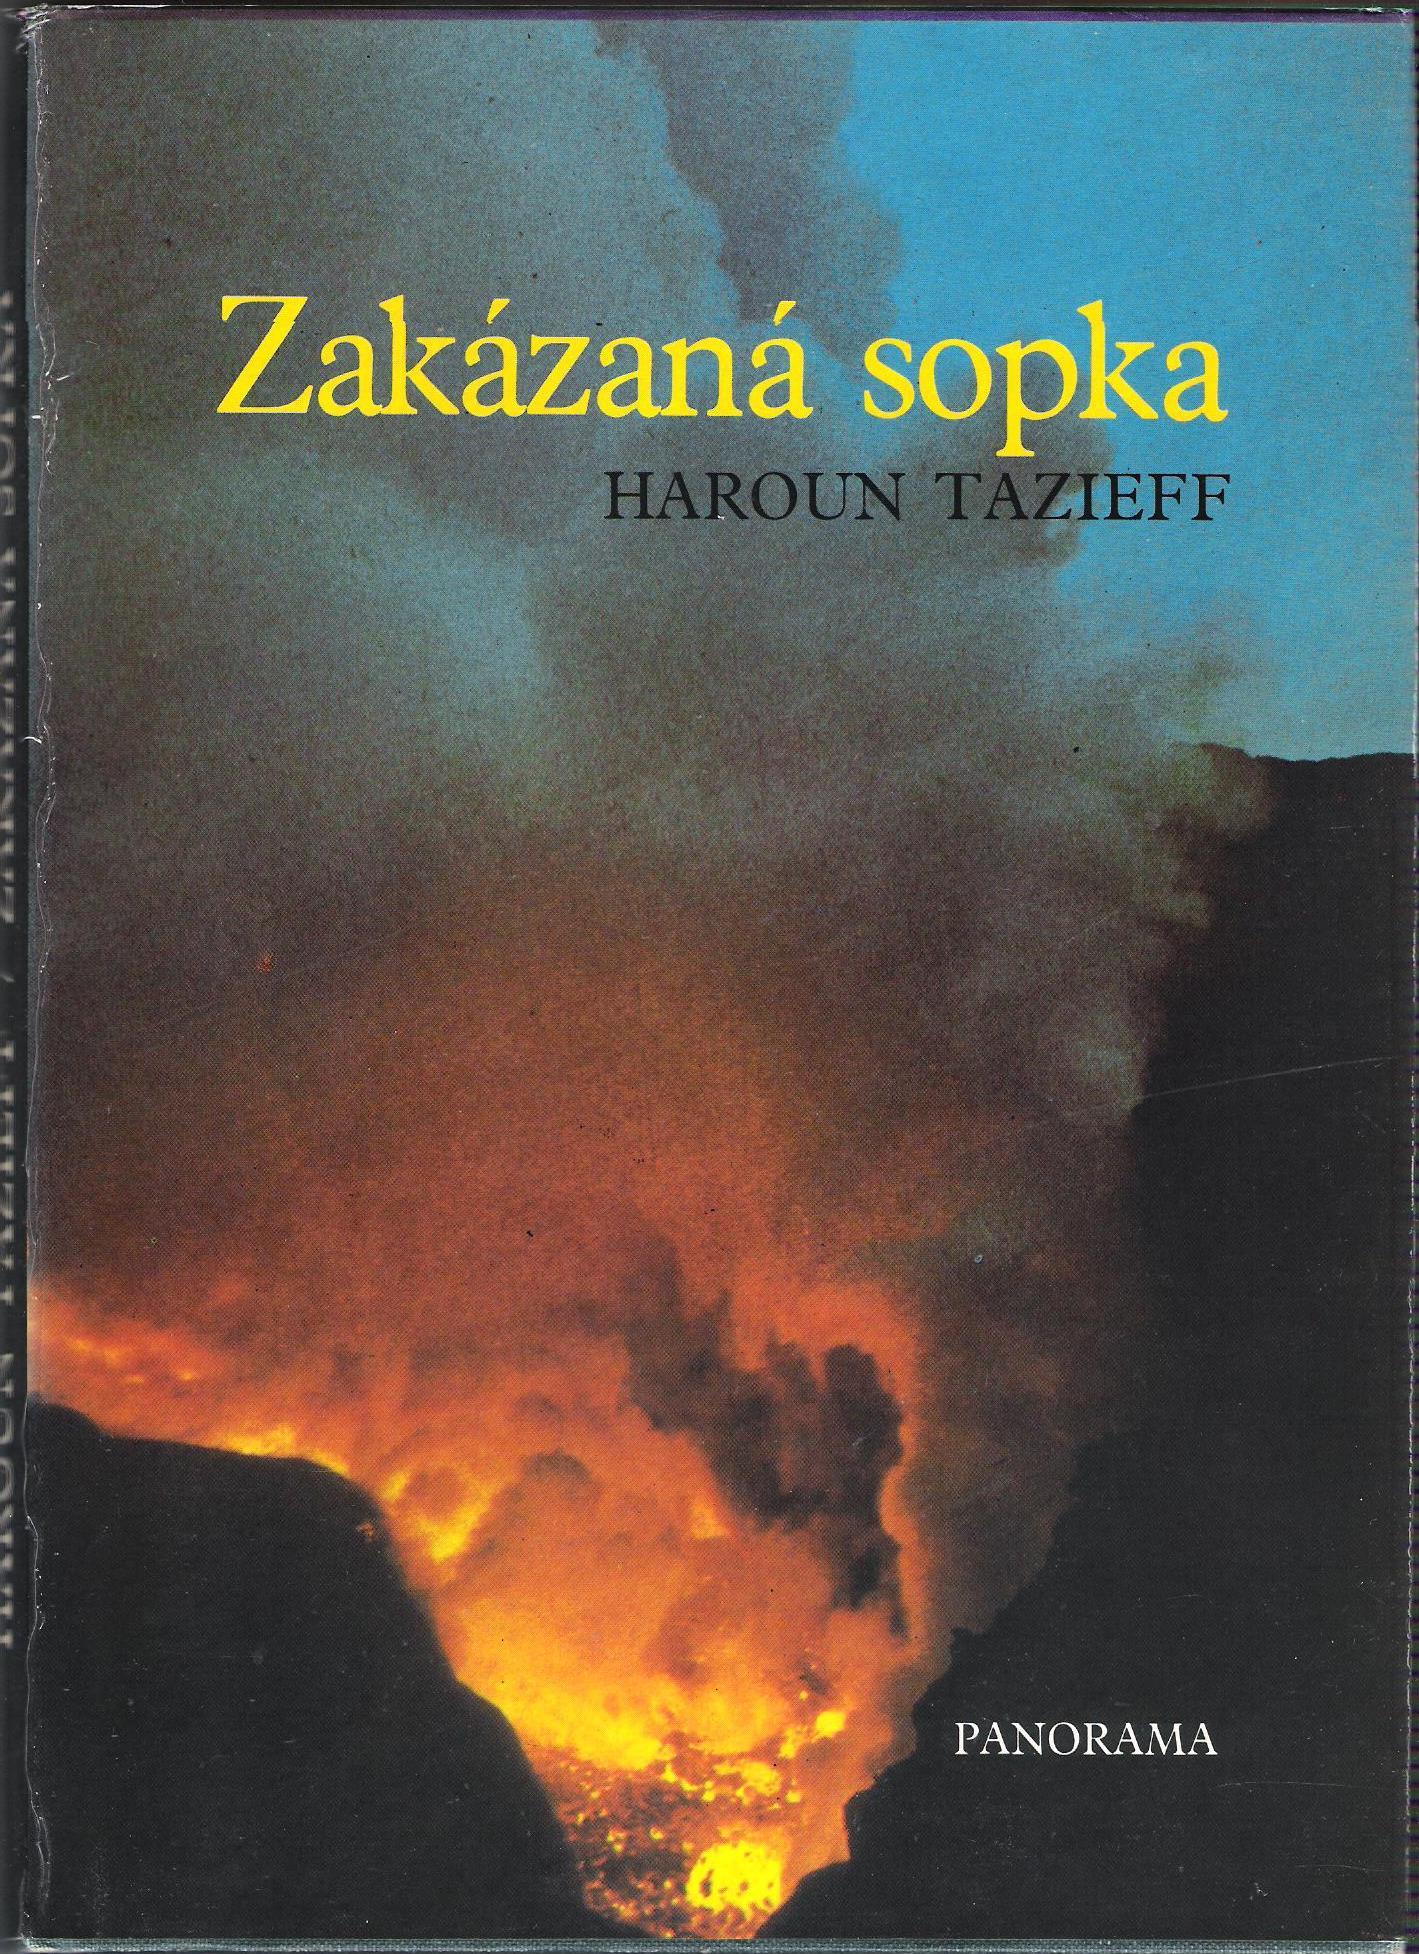 Zakázaná sopka - Haroun Tazieff